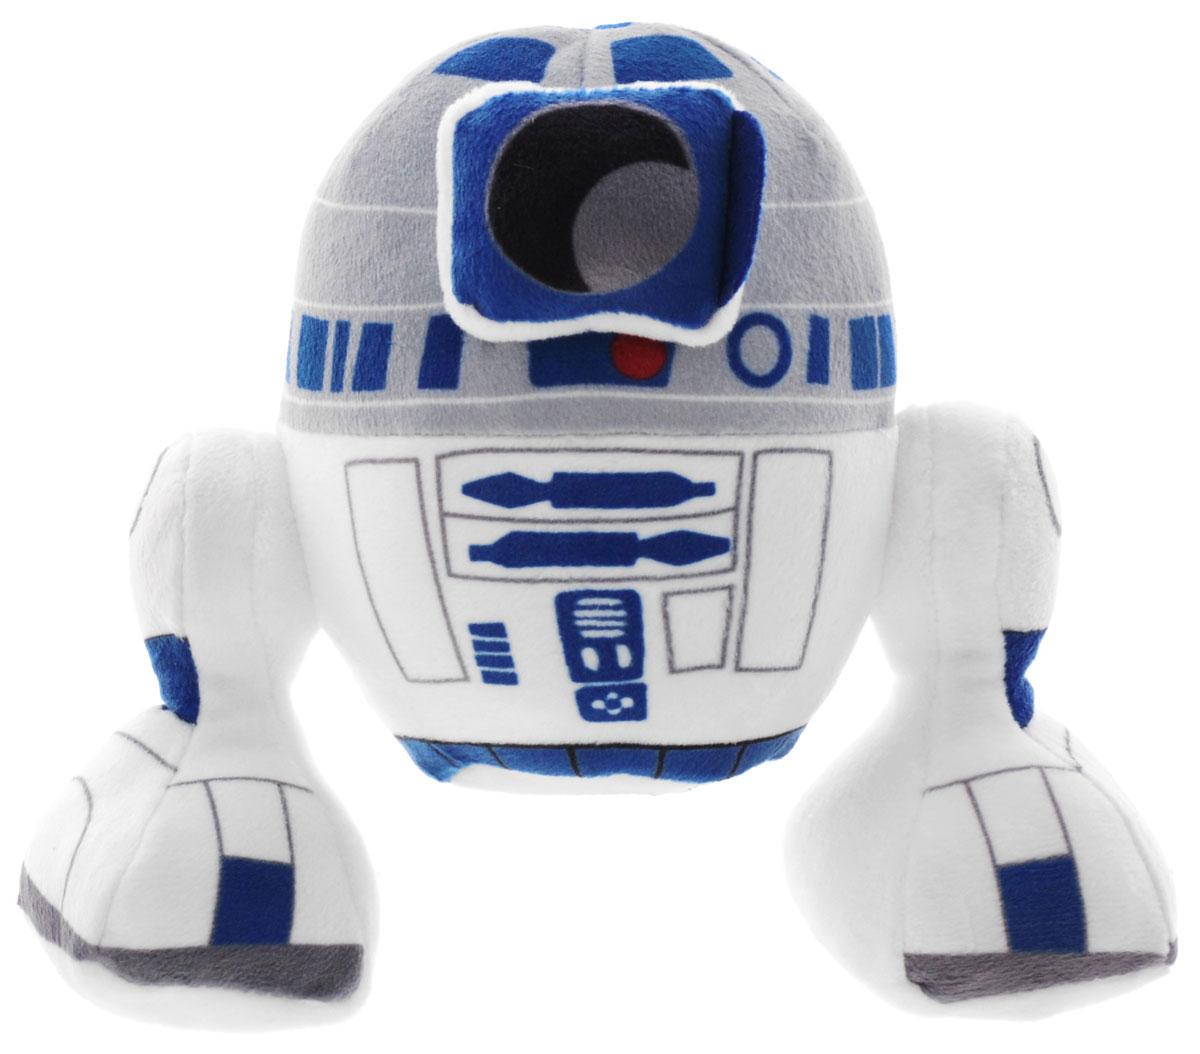 Disney Мягкая игрушка Р2-Д2 цвет белый синий 16 см1400611Мягкая игрушка Disney Р2-Д2 порадует любого поклонника грандиозной космической саги Звездные войны. Игрушка изготовлена из текстиля высокого качества, подробно детализирована, не имеет пластмассовых деталей, что делает ее безопасной даже для самых юных фанатов. Р2-Д2 - это всем известный неунывающий робот, который помогает главным героям саги Звездные Войны на всем ее протяжении. Преданность своим друзьям, отличные навыки по ремонту космических кораблей и взаимодействию с компьютерами делают его незаменимым спутником в опасных приключениях по галактике. С такой мягкой игрушкой ребенку будет приятно играть, так как она очень мягкая на ощупь. Благодаря ее компактному размеру ребенок всегда сможет взять полюбившегося робота с собой в дорогу или в любое другое место.